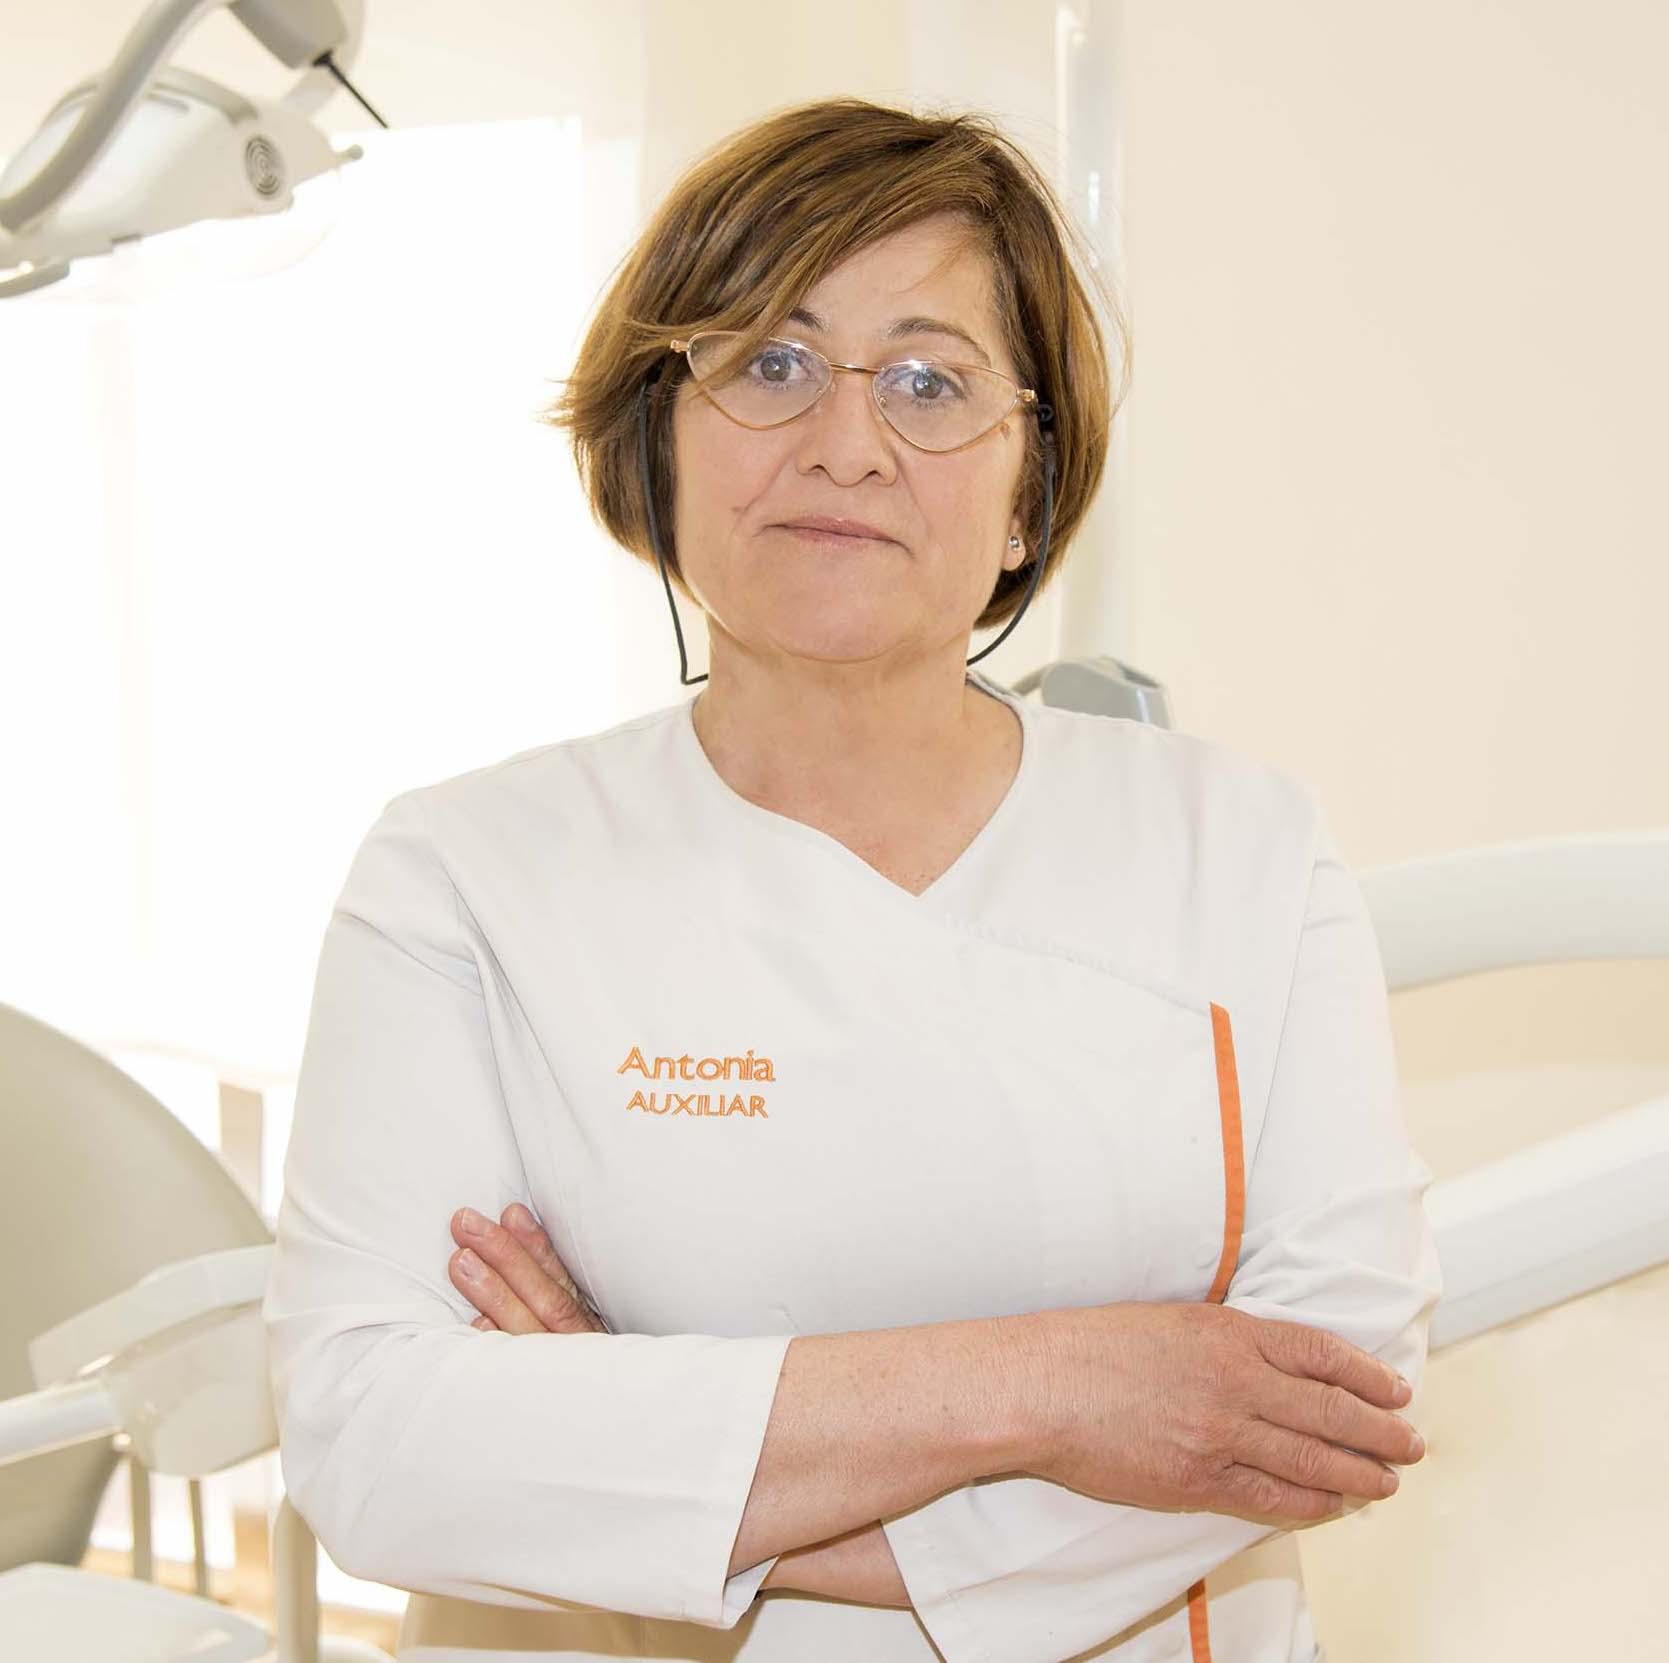 Ortodoncista Baza - Antonia Ruíz